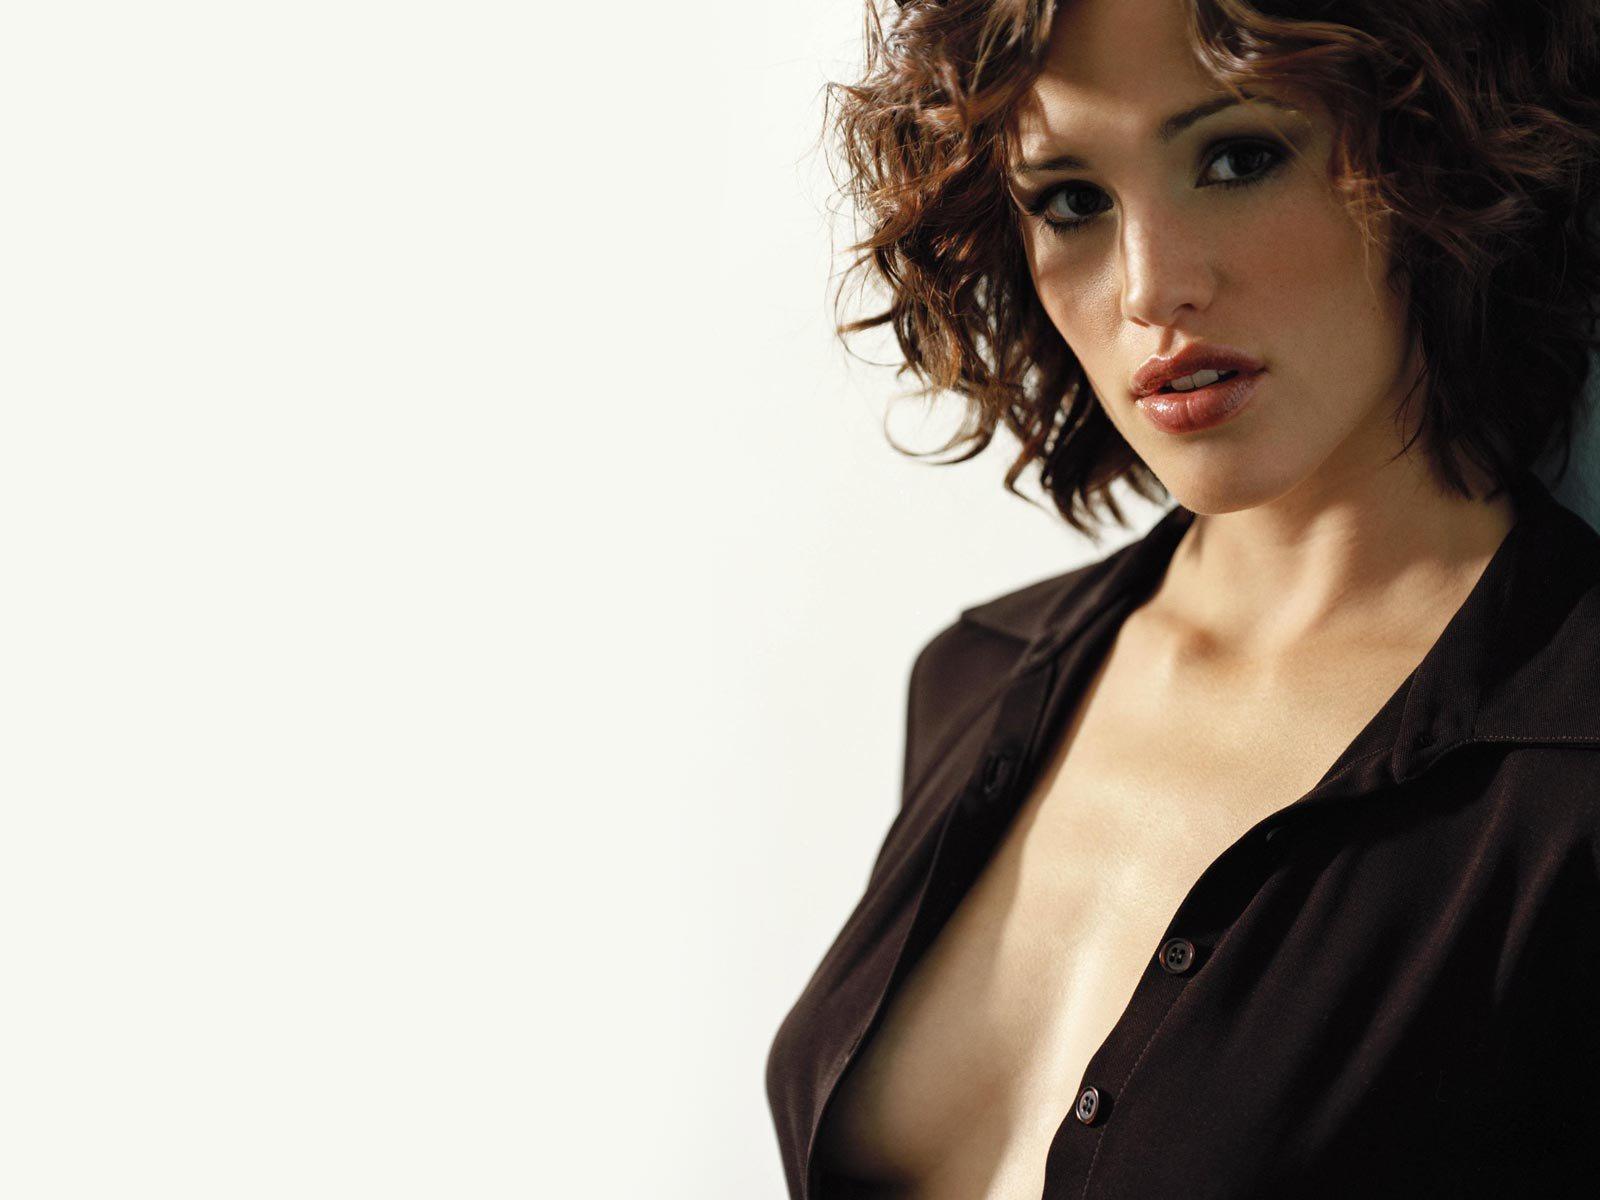 http://1.bp.blogspot.com/-XMg_vmtVPXU/TiXHYmd5QaI/AAAAAAAACBU/V83a9L6BC7U/s1600/Jennifer-Garner-hot-wallpaper.jpg